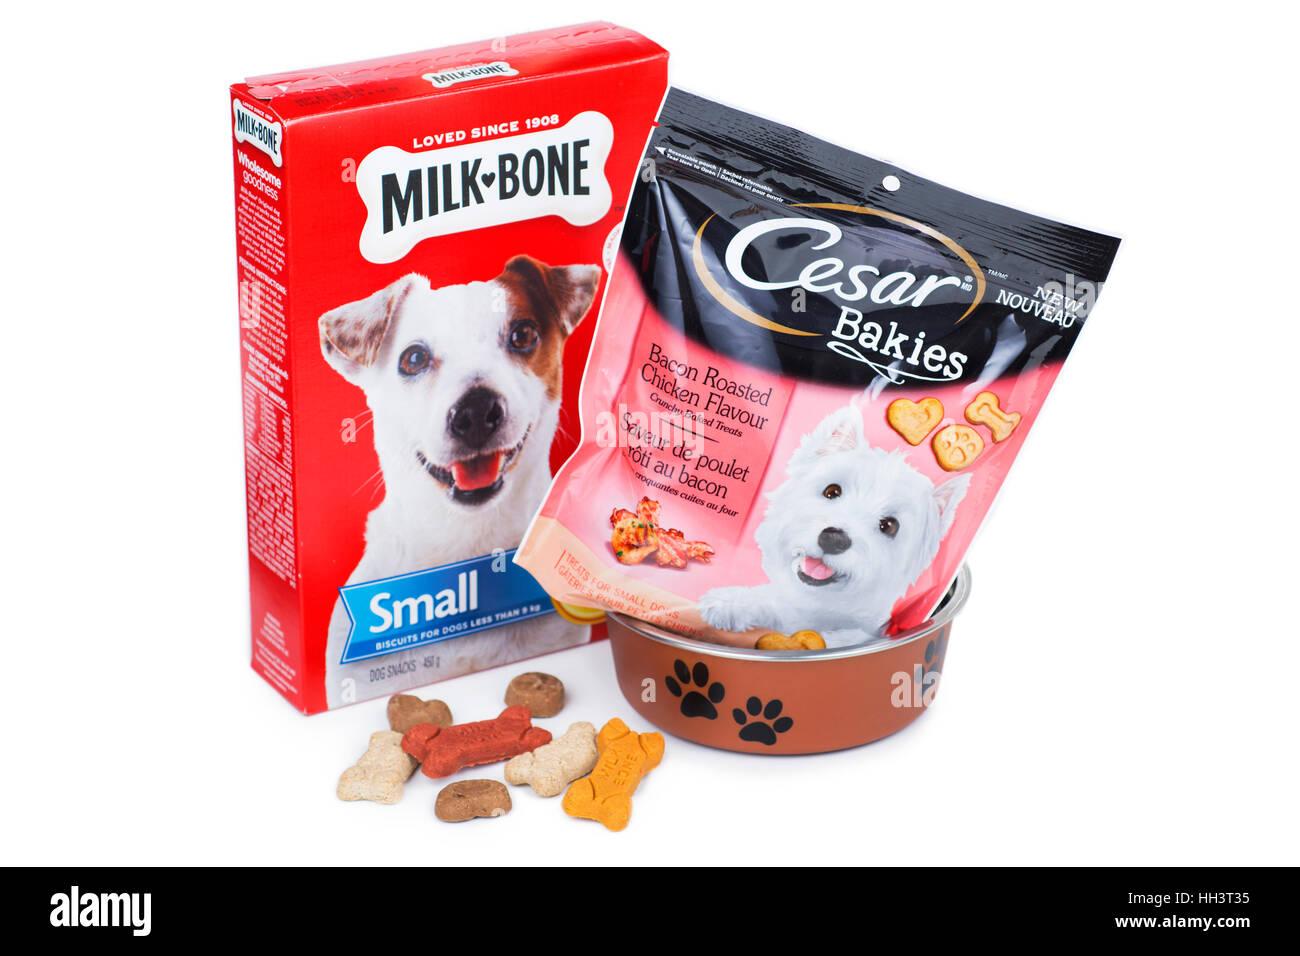 Hund behandelt, Milch Knochen und Cesar Bakies Pakete, Pakete Stockbild